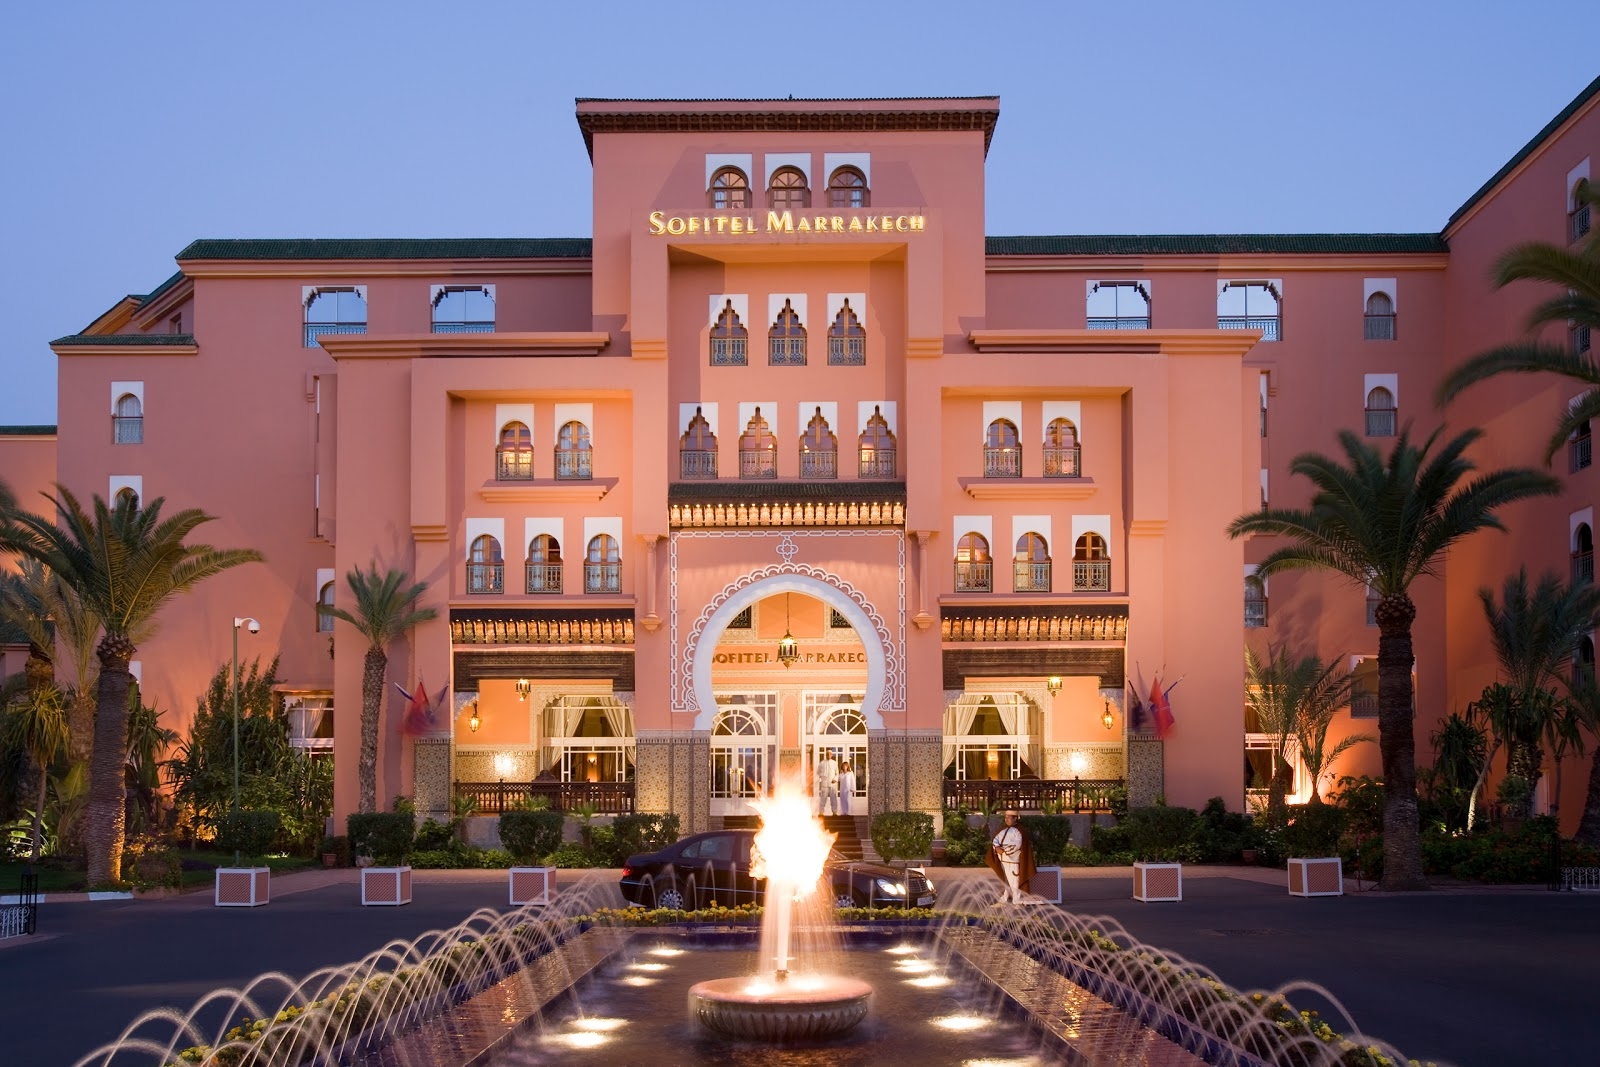 Hotel et riad marrakech septembre 2012 for Hotels marrakech